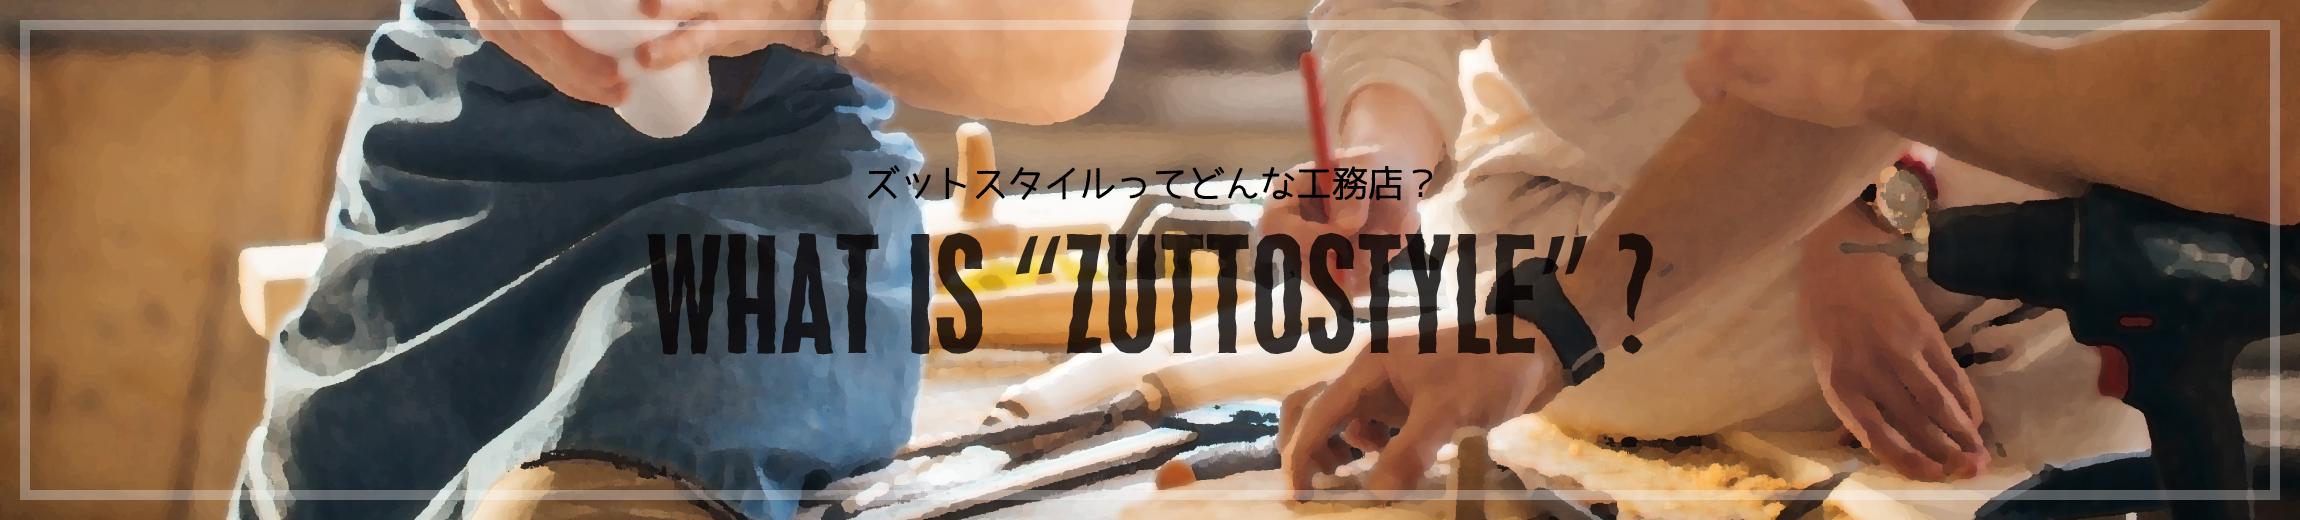 """ズットスタイルってどんな工務店? What is """"ズットスタイル""""?"""